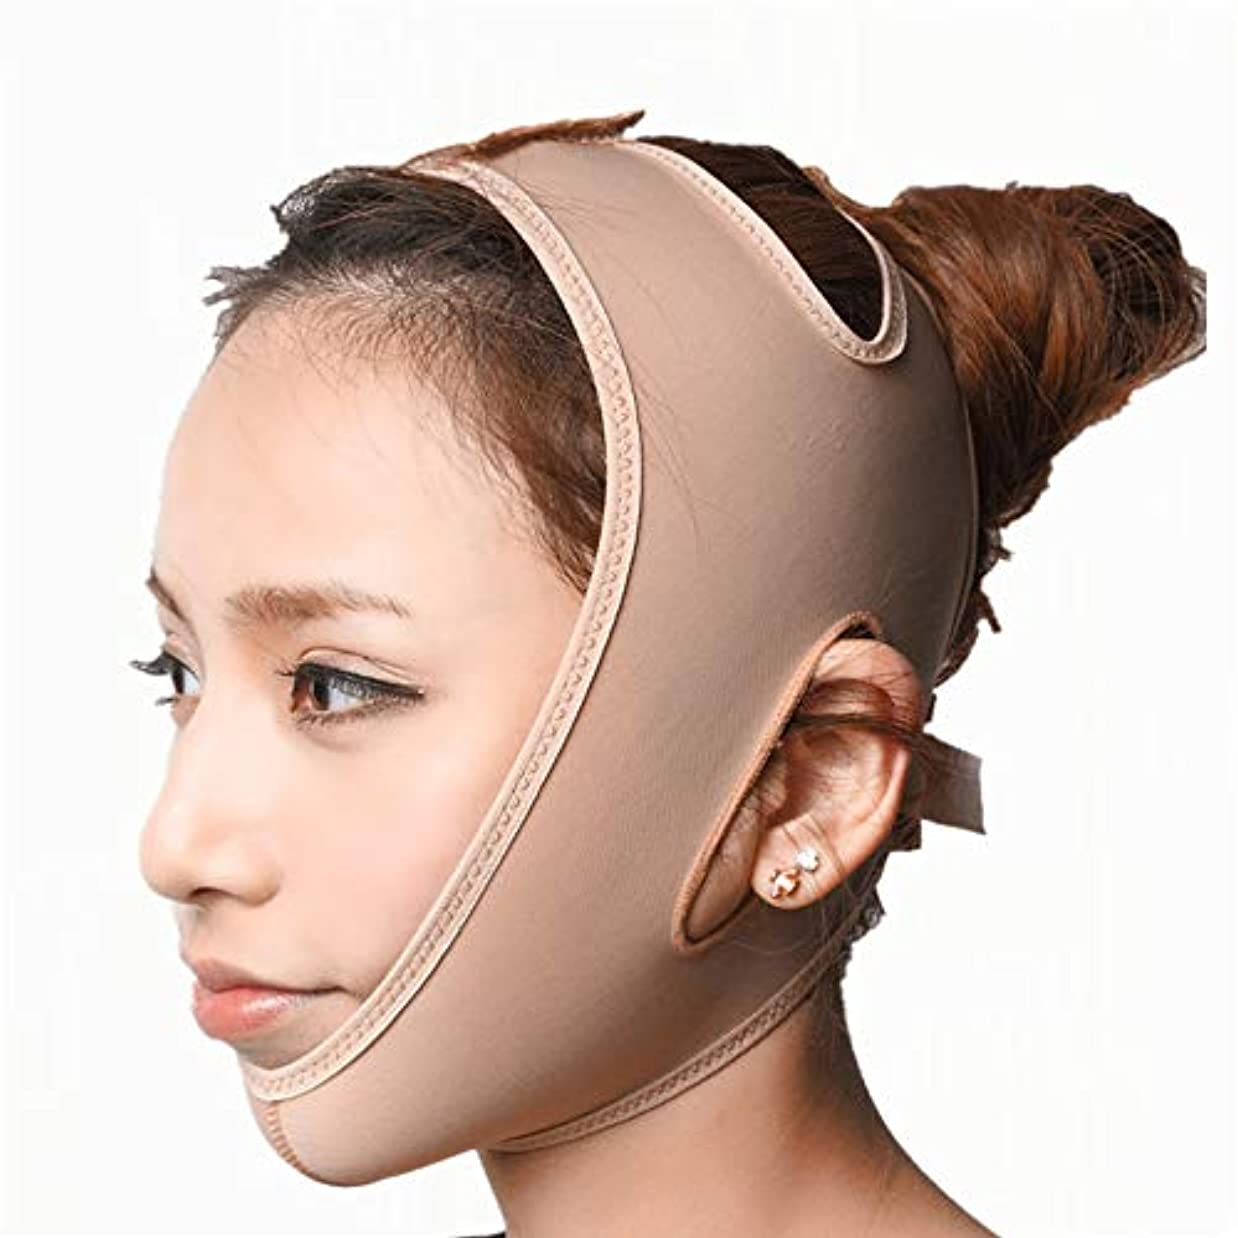 革新水星地元Jia Jia- 顔の持ち上がる痩身ベルト - アンチエイジングリンクルフェイスマスクベルトシンフェイス包帯整形マスクは顔と首を締めますフェイススリム 顔面包帯 (サイズ さいず : M)